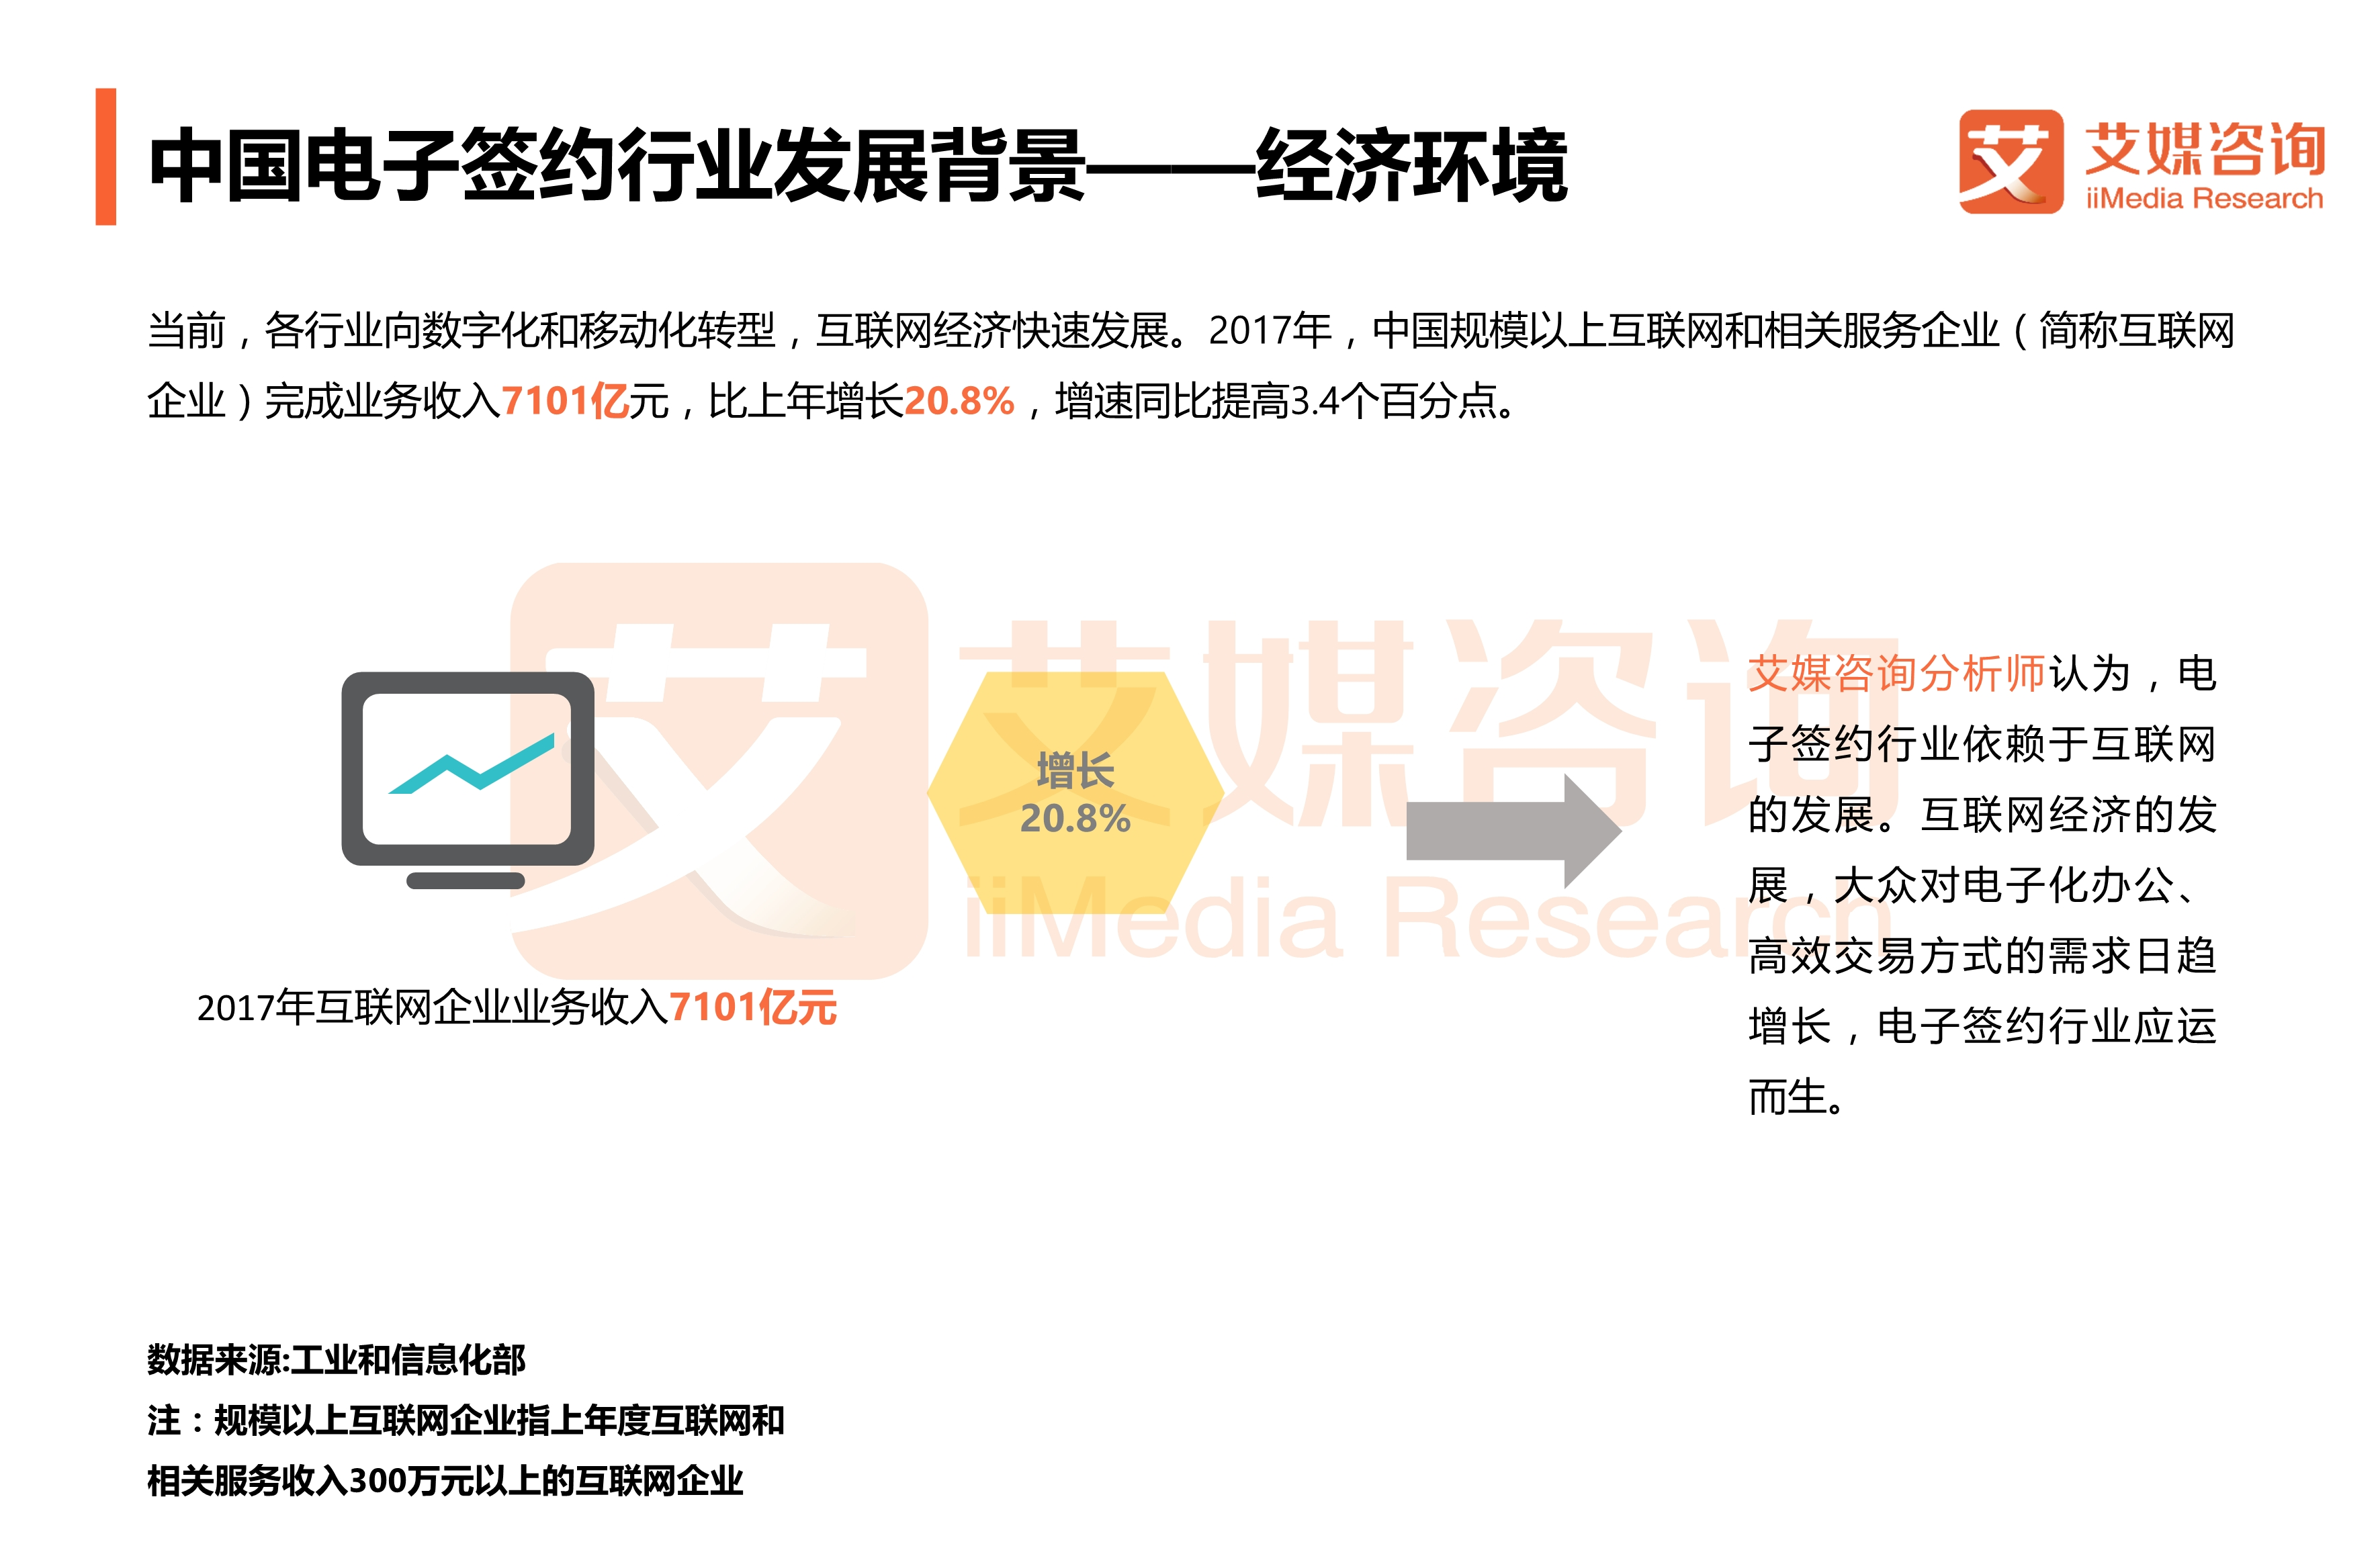 艾媒咨询《2017-2018电子签约市场专题报告》